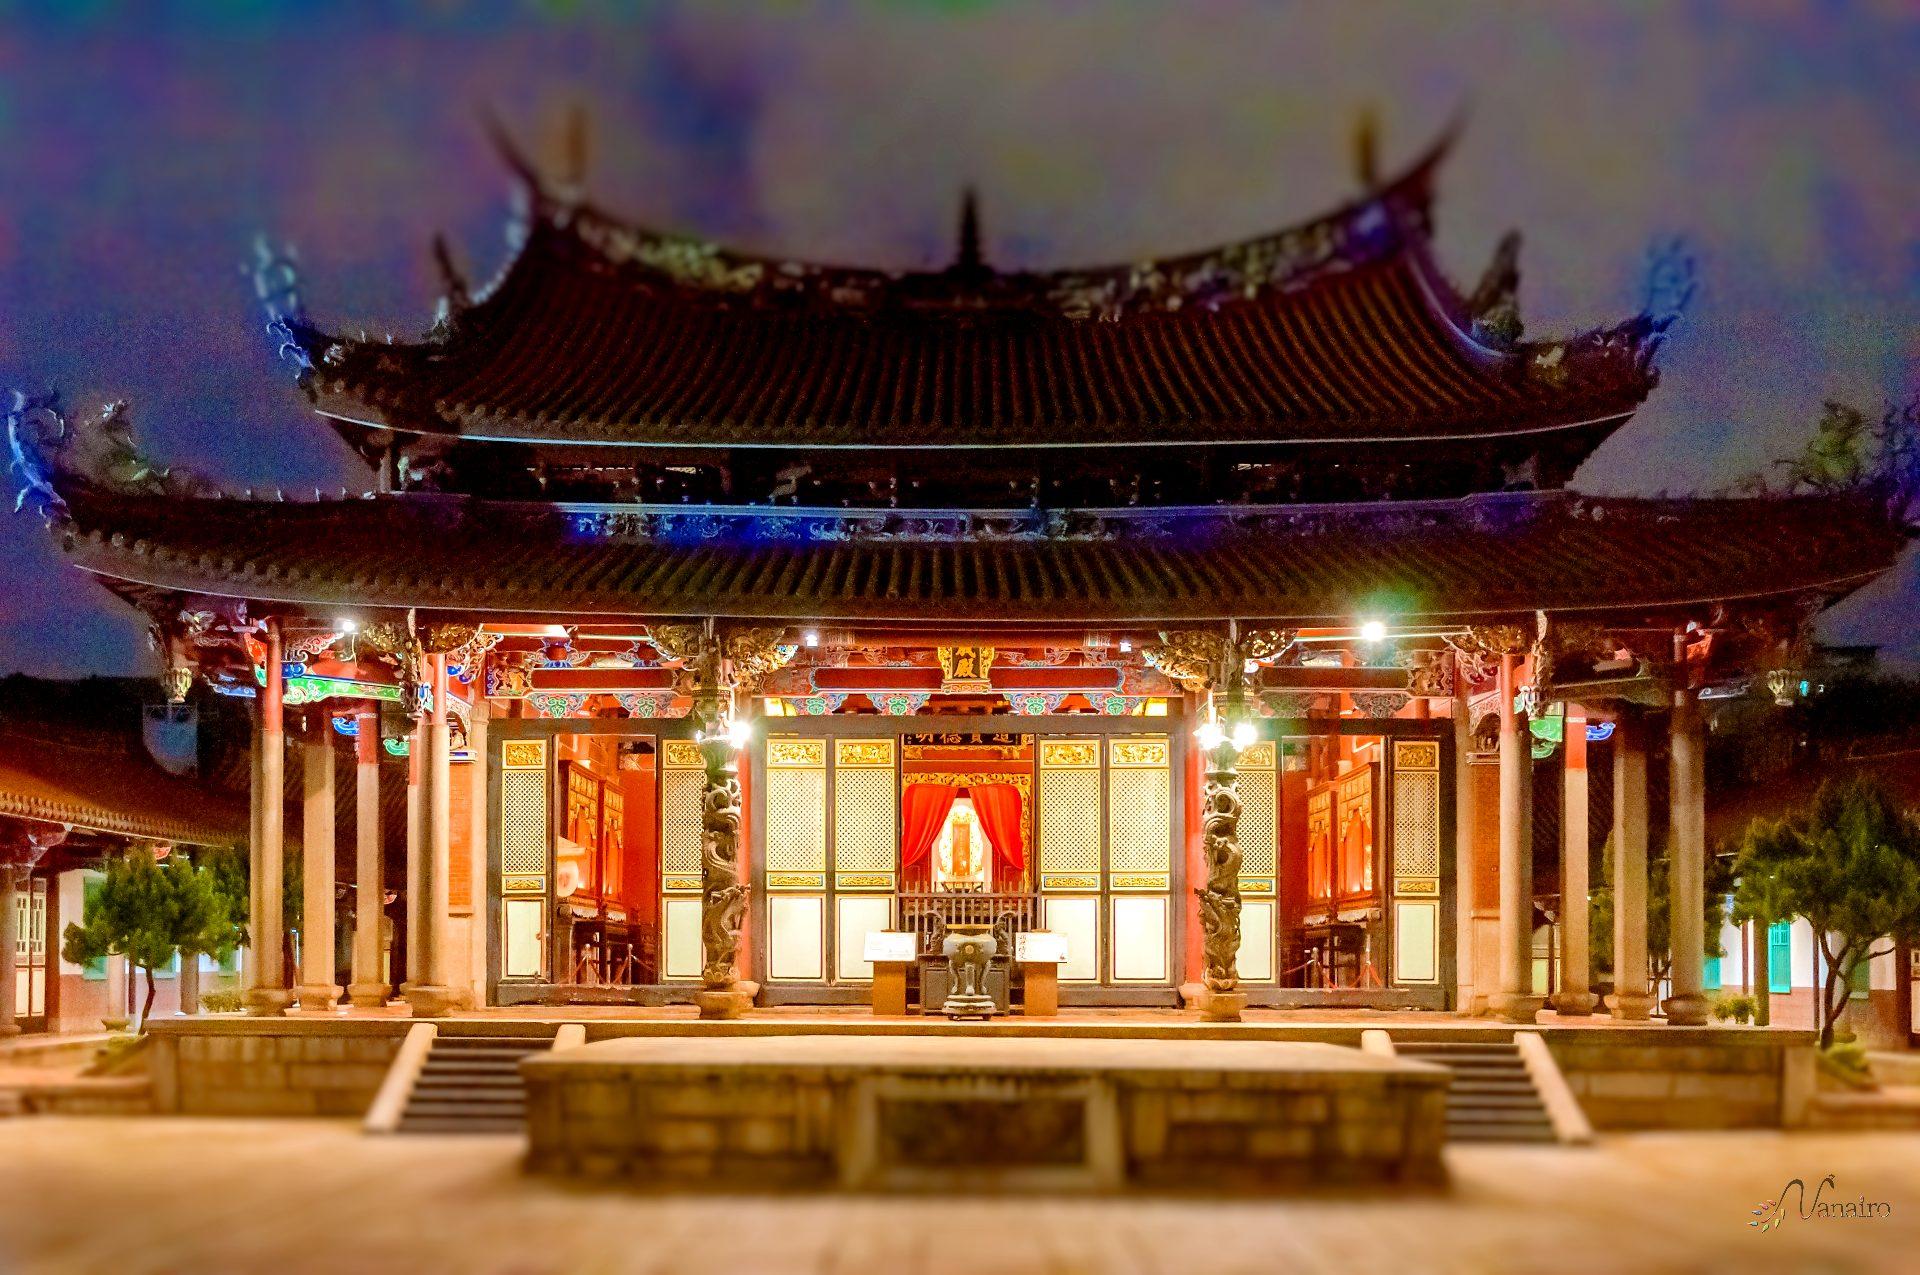 台湾のお寺や廟のお参り方法。マナーから参拝手順まで詳しく解説